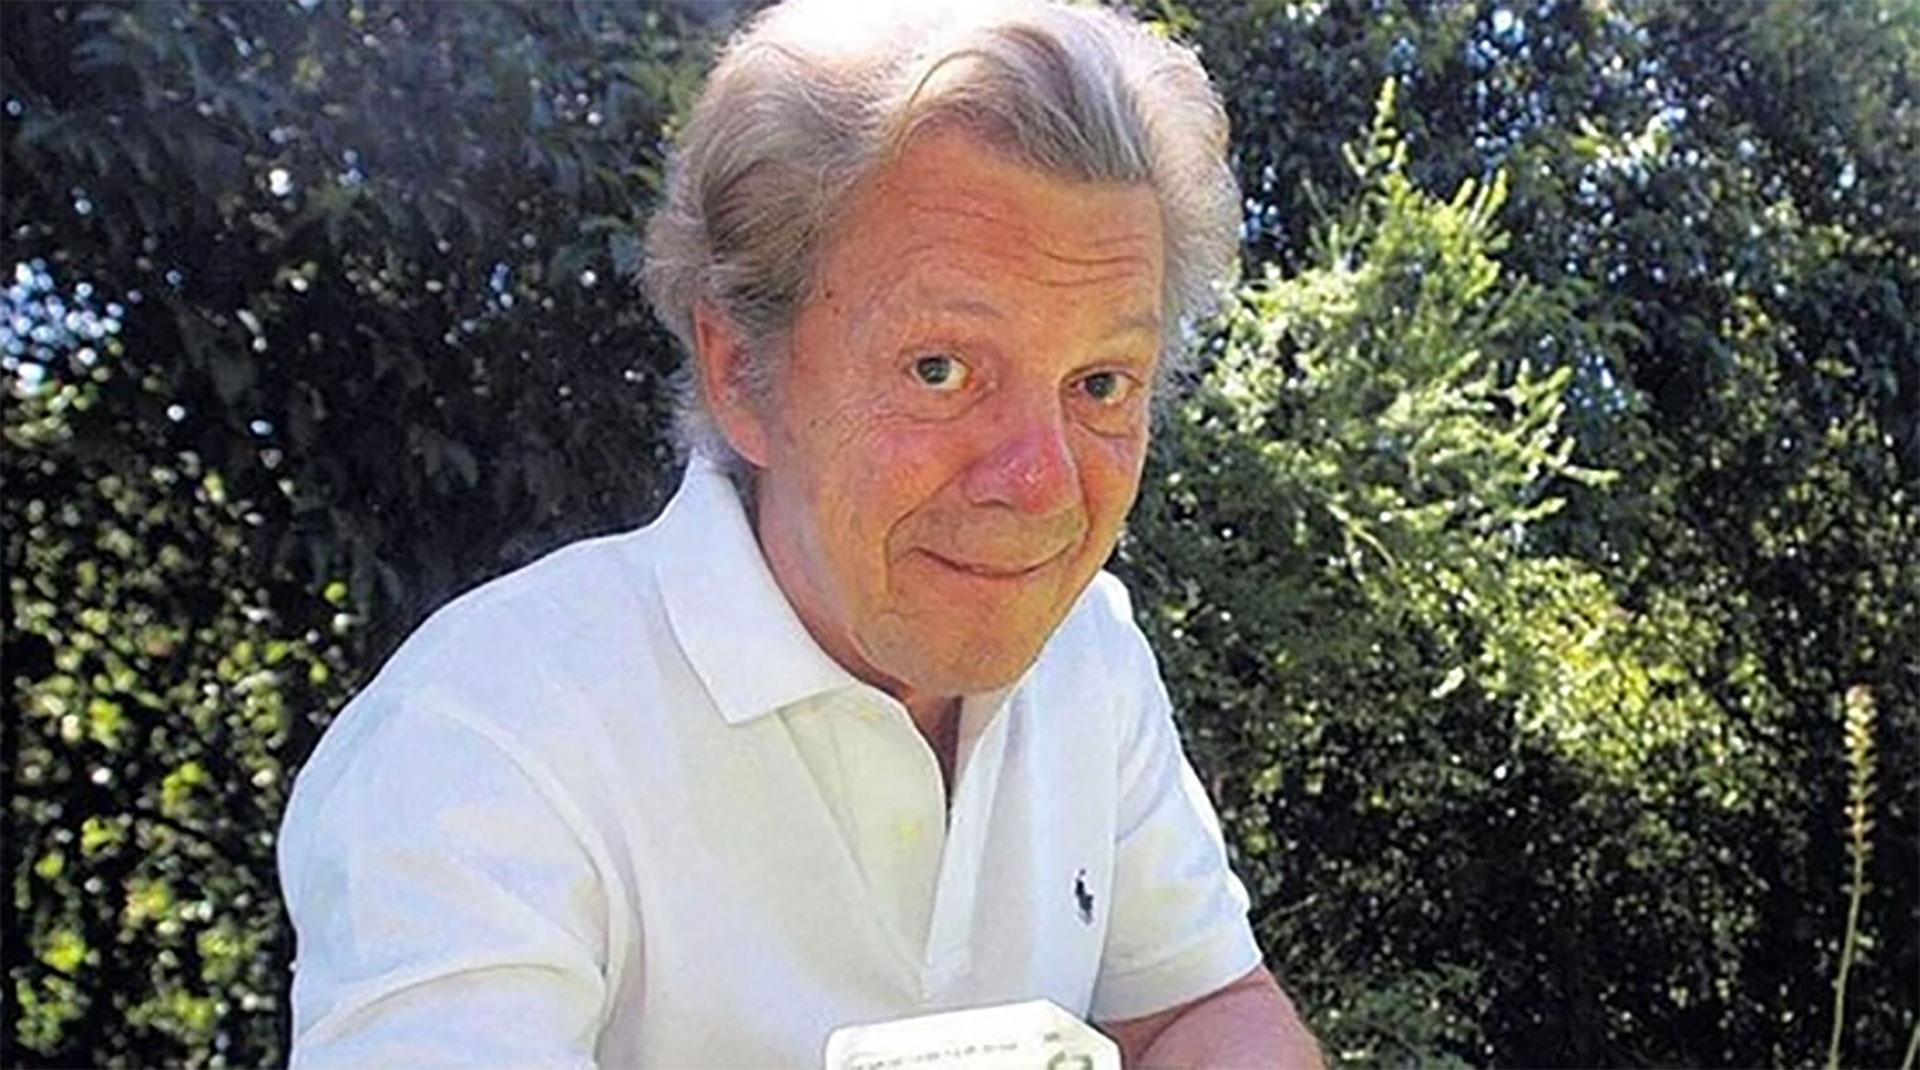 """El actor de 75 años estaba Internado a causa de un cáncer de pulmón. La noticia fue confirmada por la cuenta de Twitter de Multiteatro. """"Lamentamos con profunda tristeza comunicar el fallecimiento de Emilio Disi, un amigo, un actor popular"""". (Foto: archivo Gente)"""